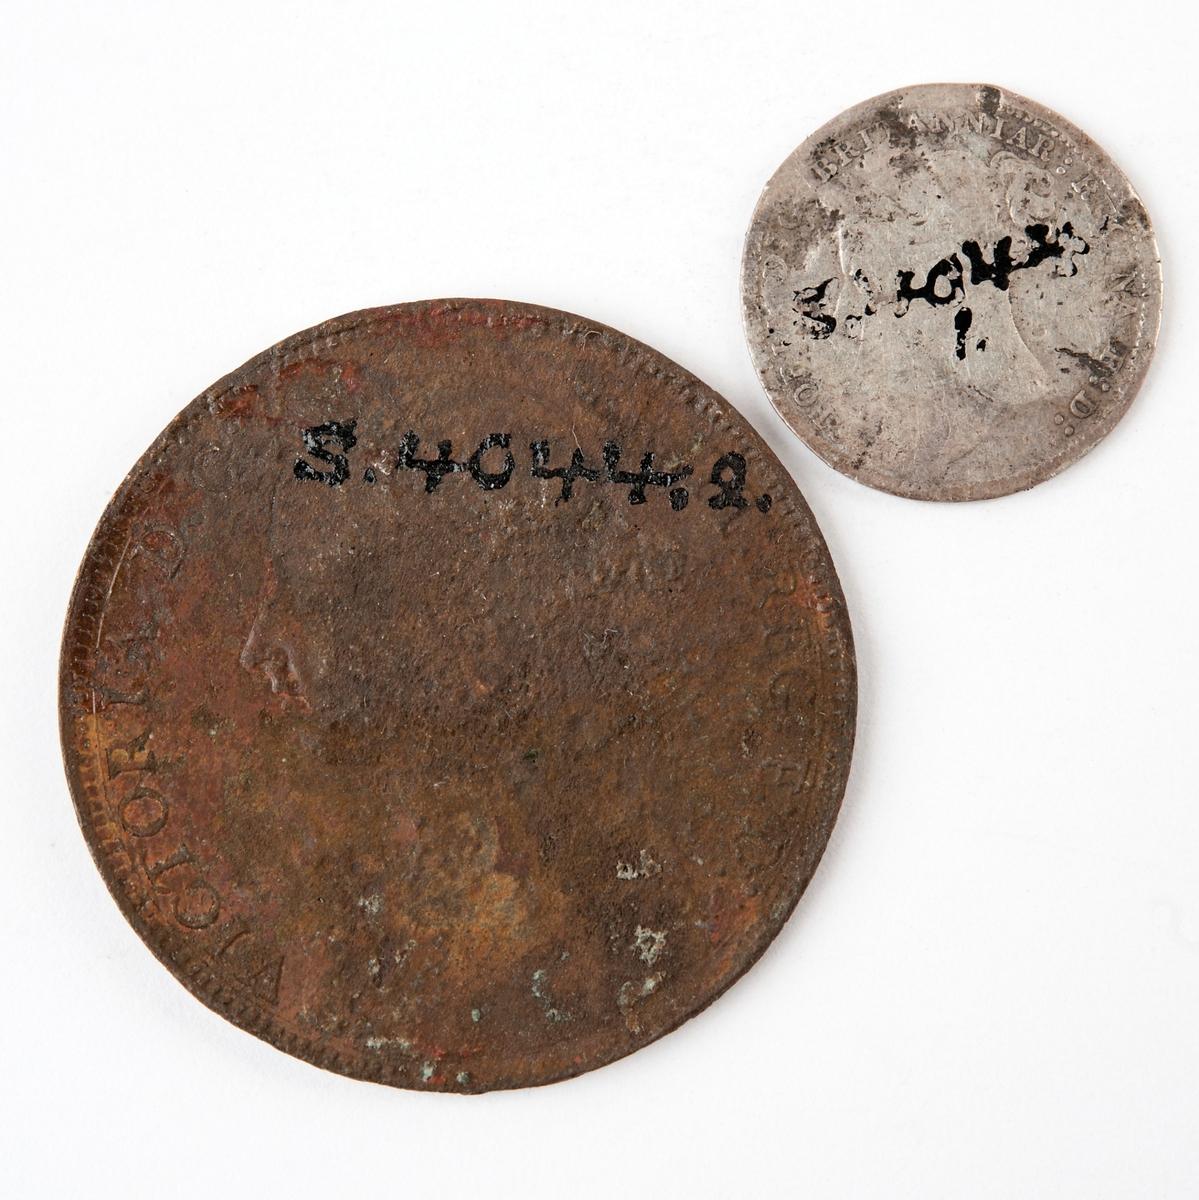 Brittiska mynt präglade 1885 respektive 1888